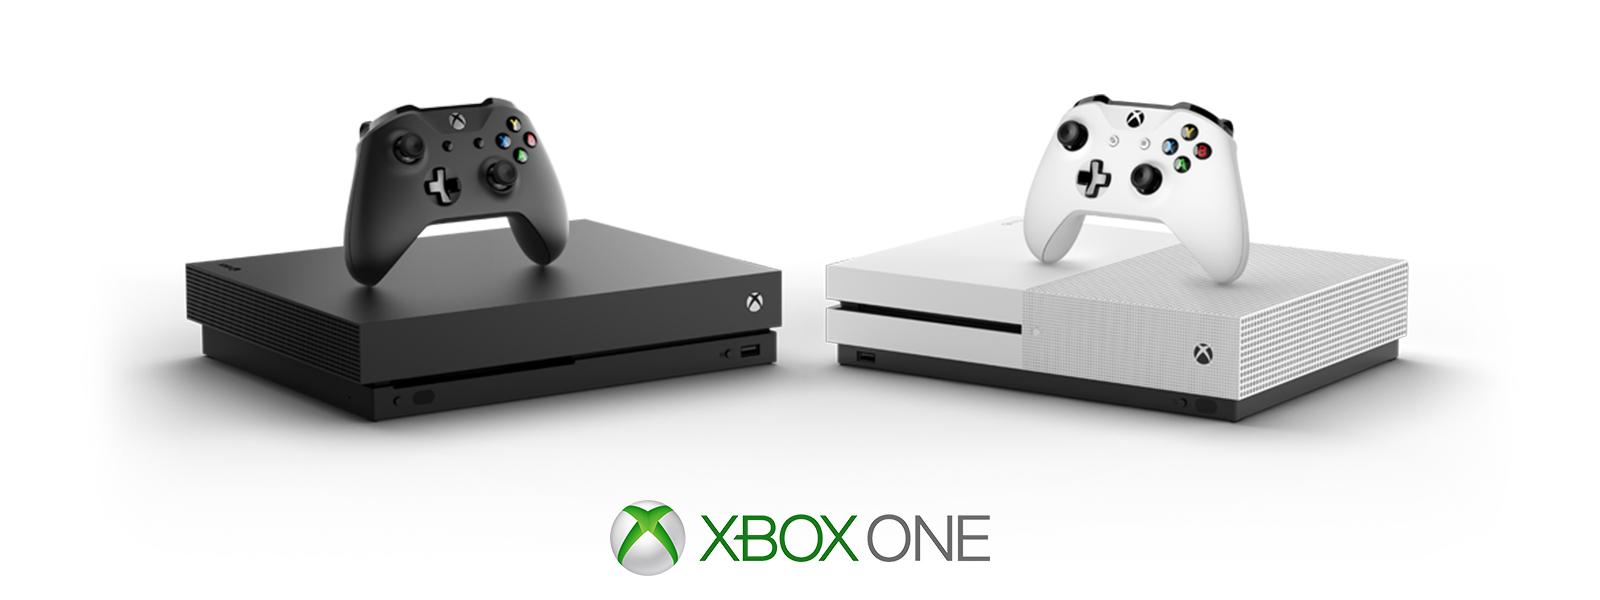 Xbox One X και Xbox One S